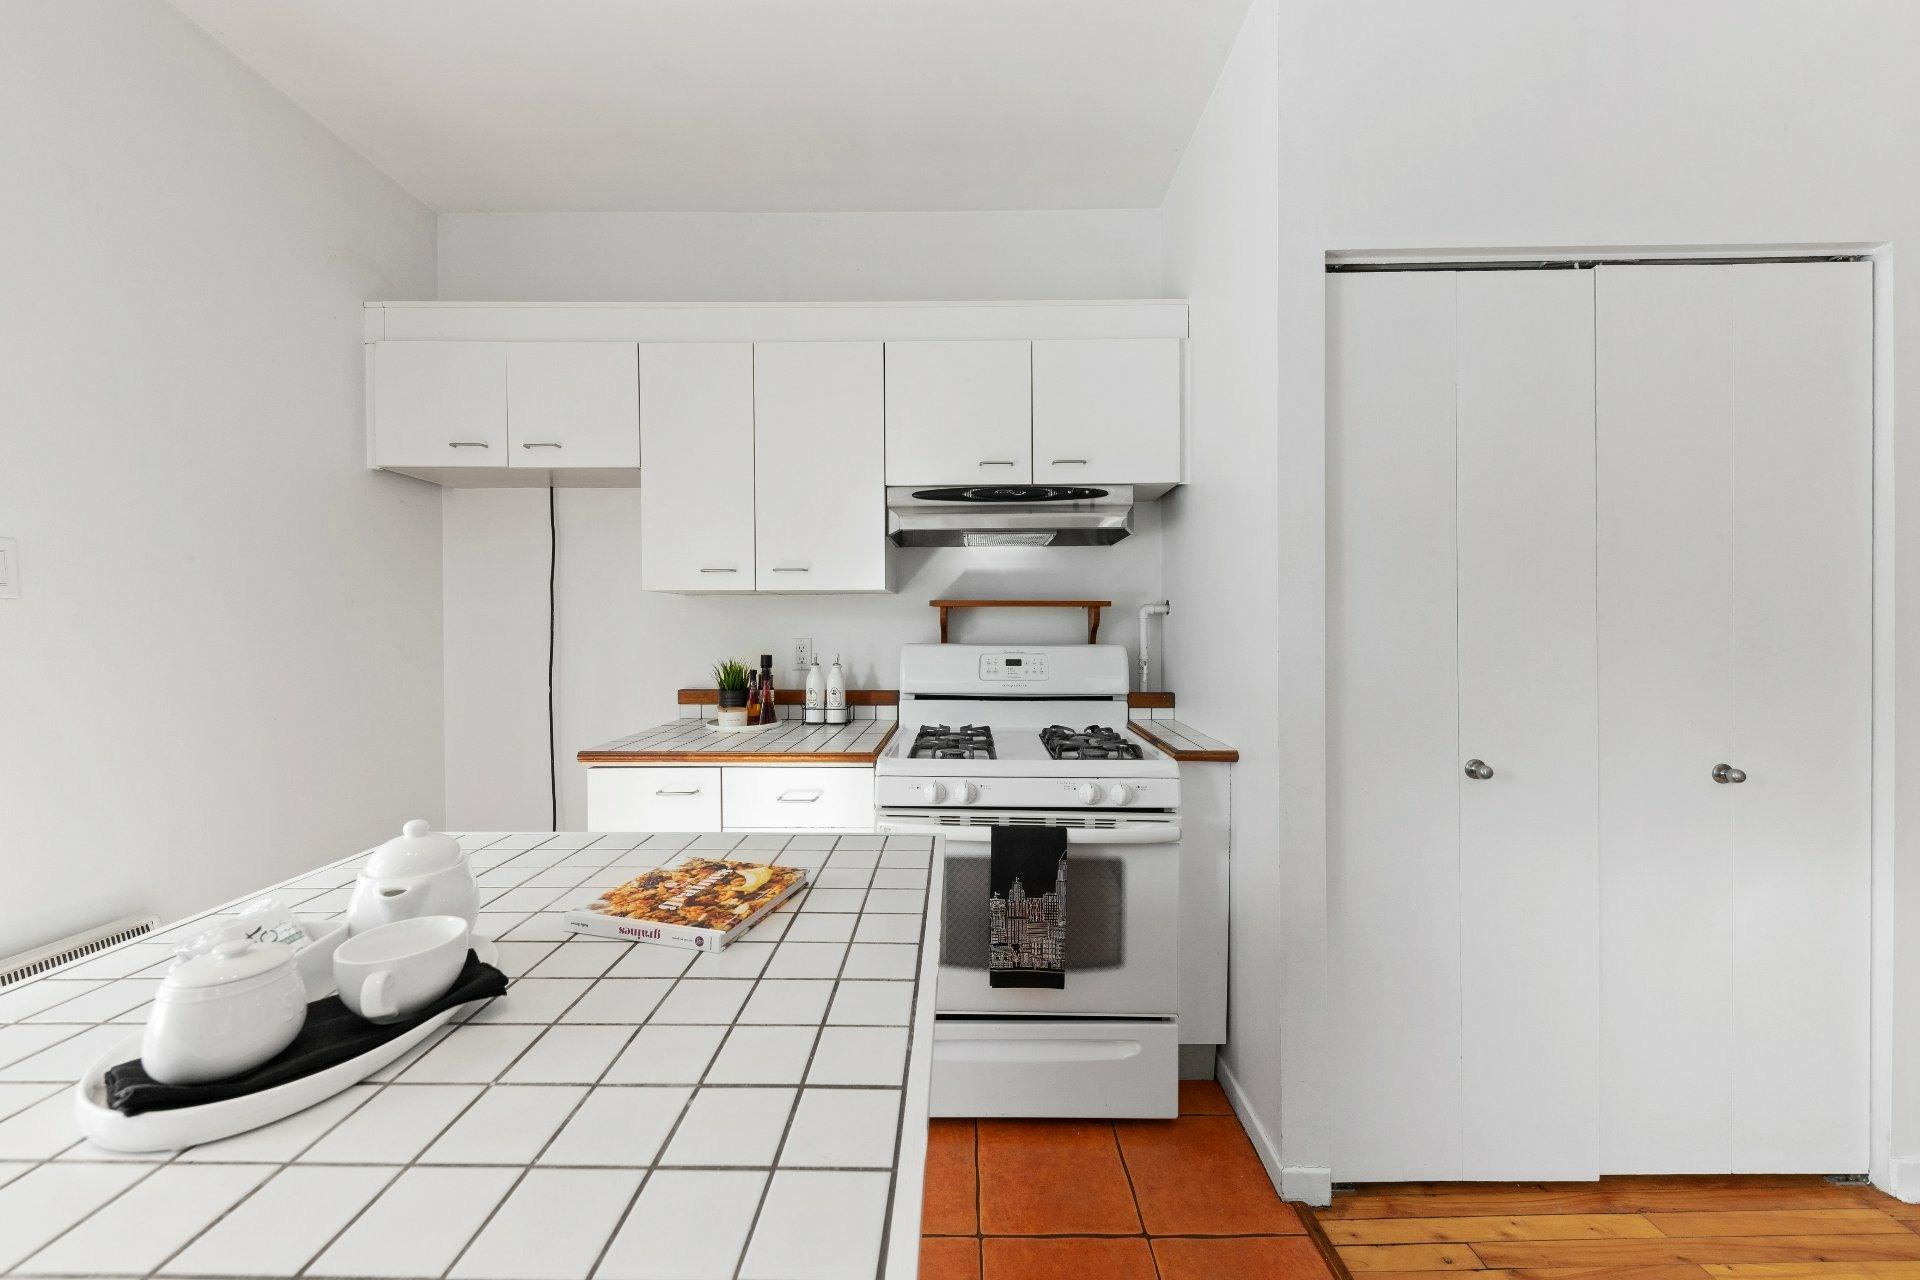 image 15 - Duplex For sale Le Plateau-Mont-Royal Montréal  - 5 rooms